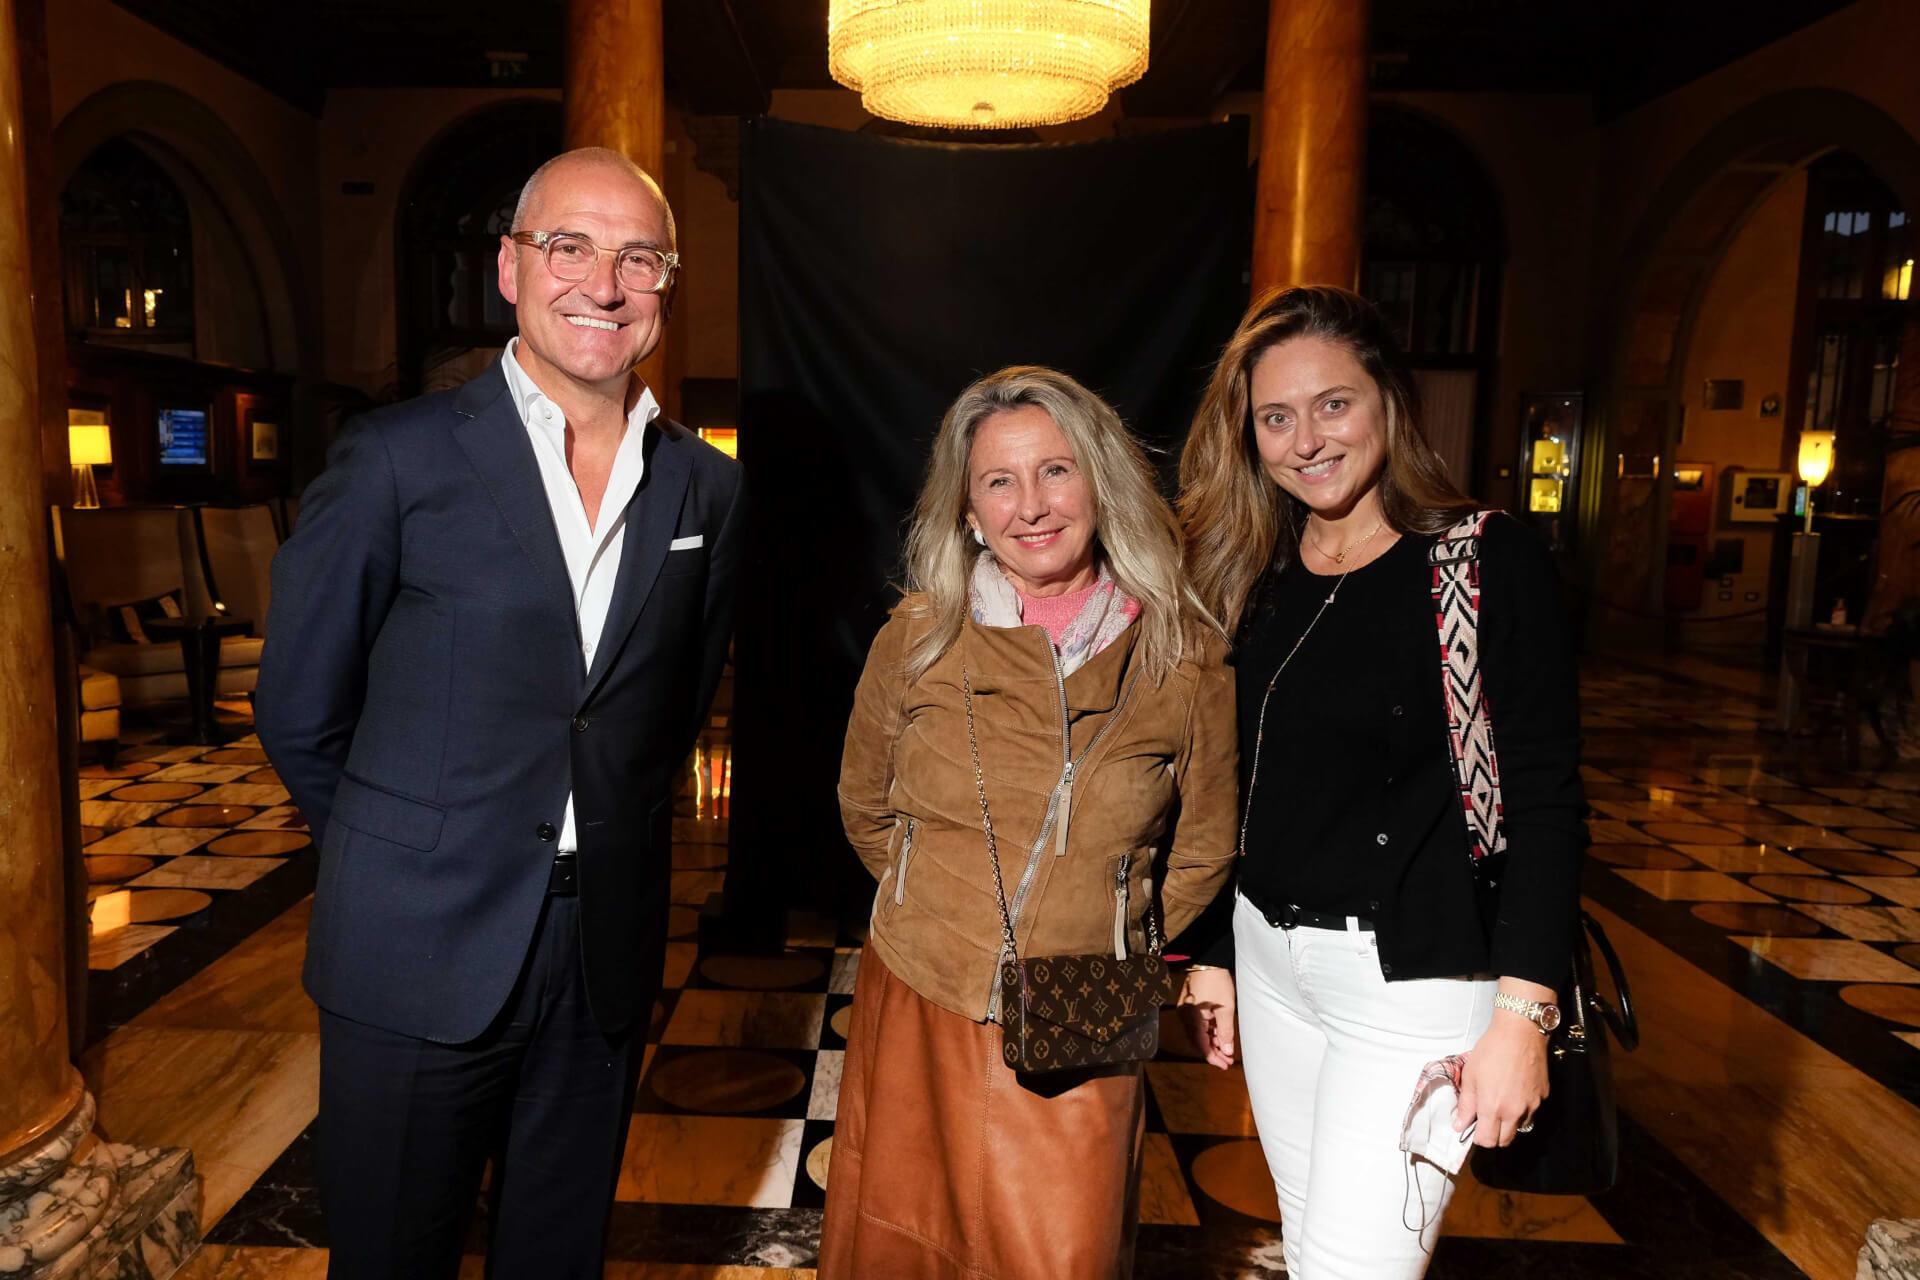 Domenico Colelli, Marinella Fani and Benedetta Manetti